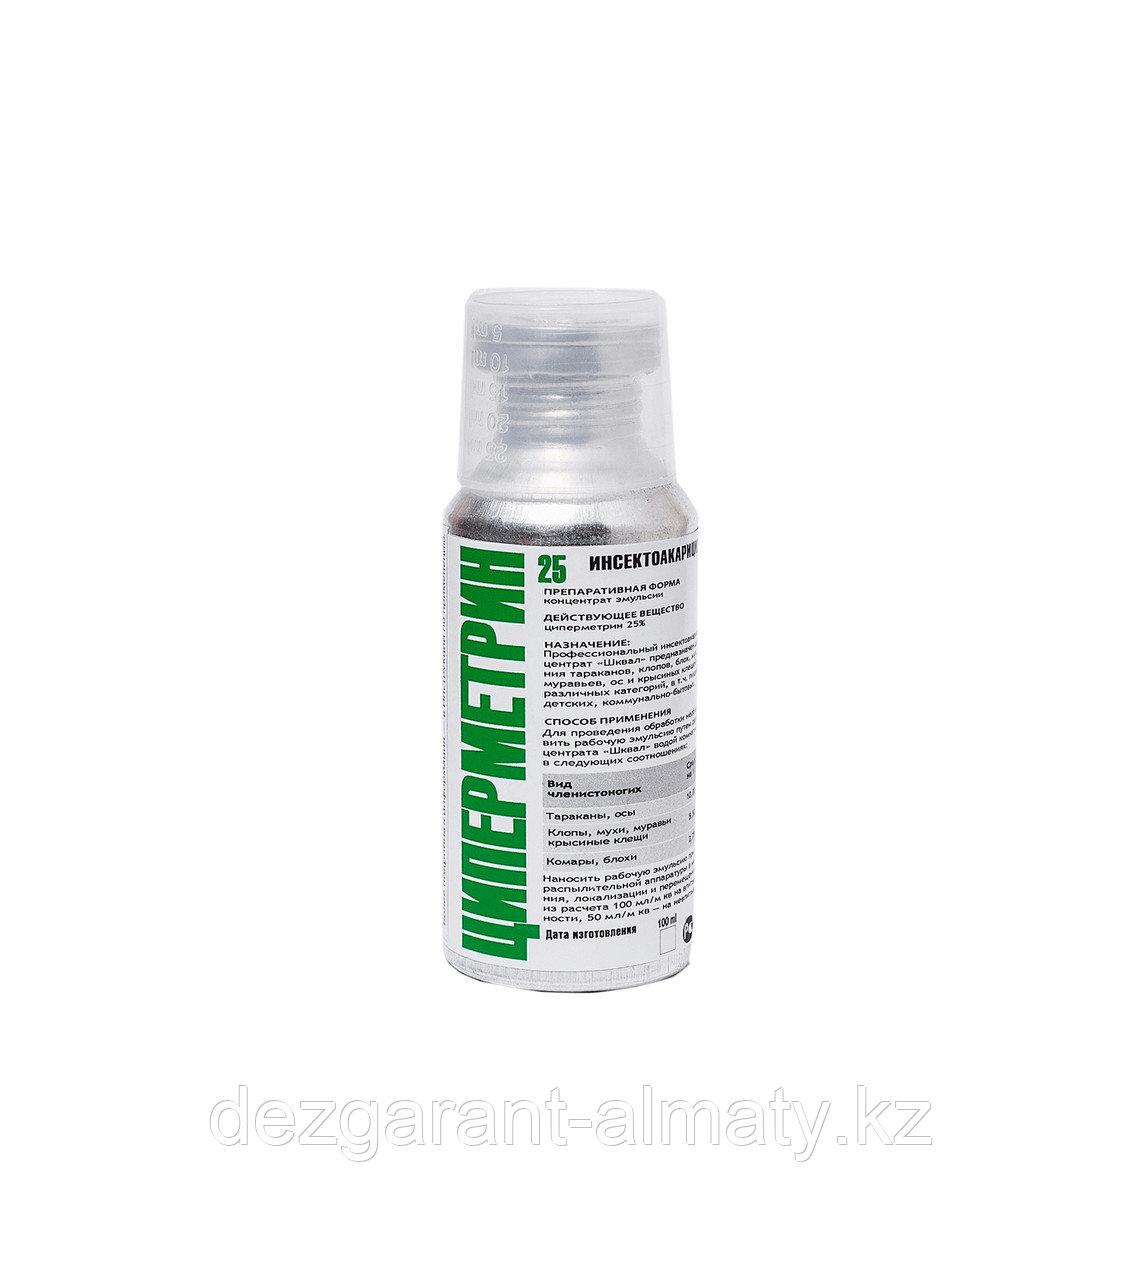 Циперметрин 25, КЭ (алюм. флакон 100 мл). Средство от клещей, муравьев, тараканов, клопов и насекомых